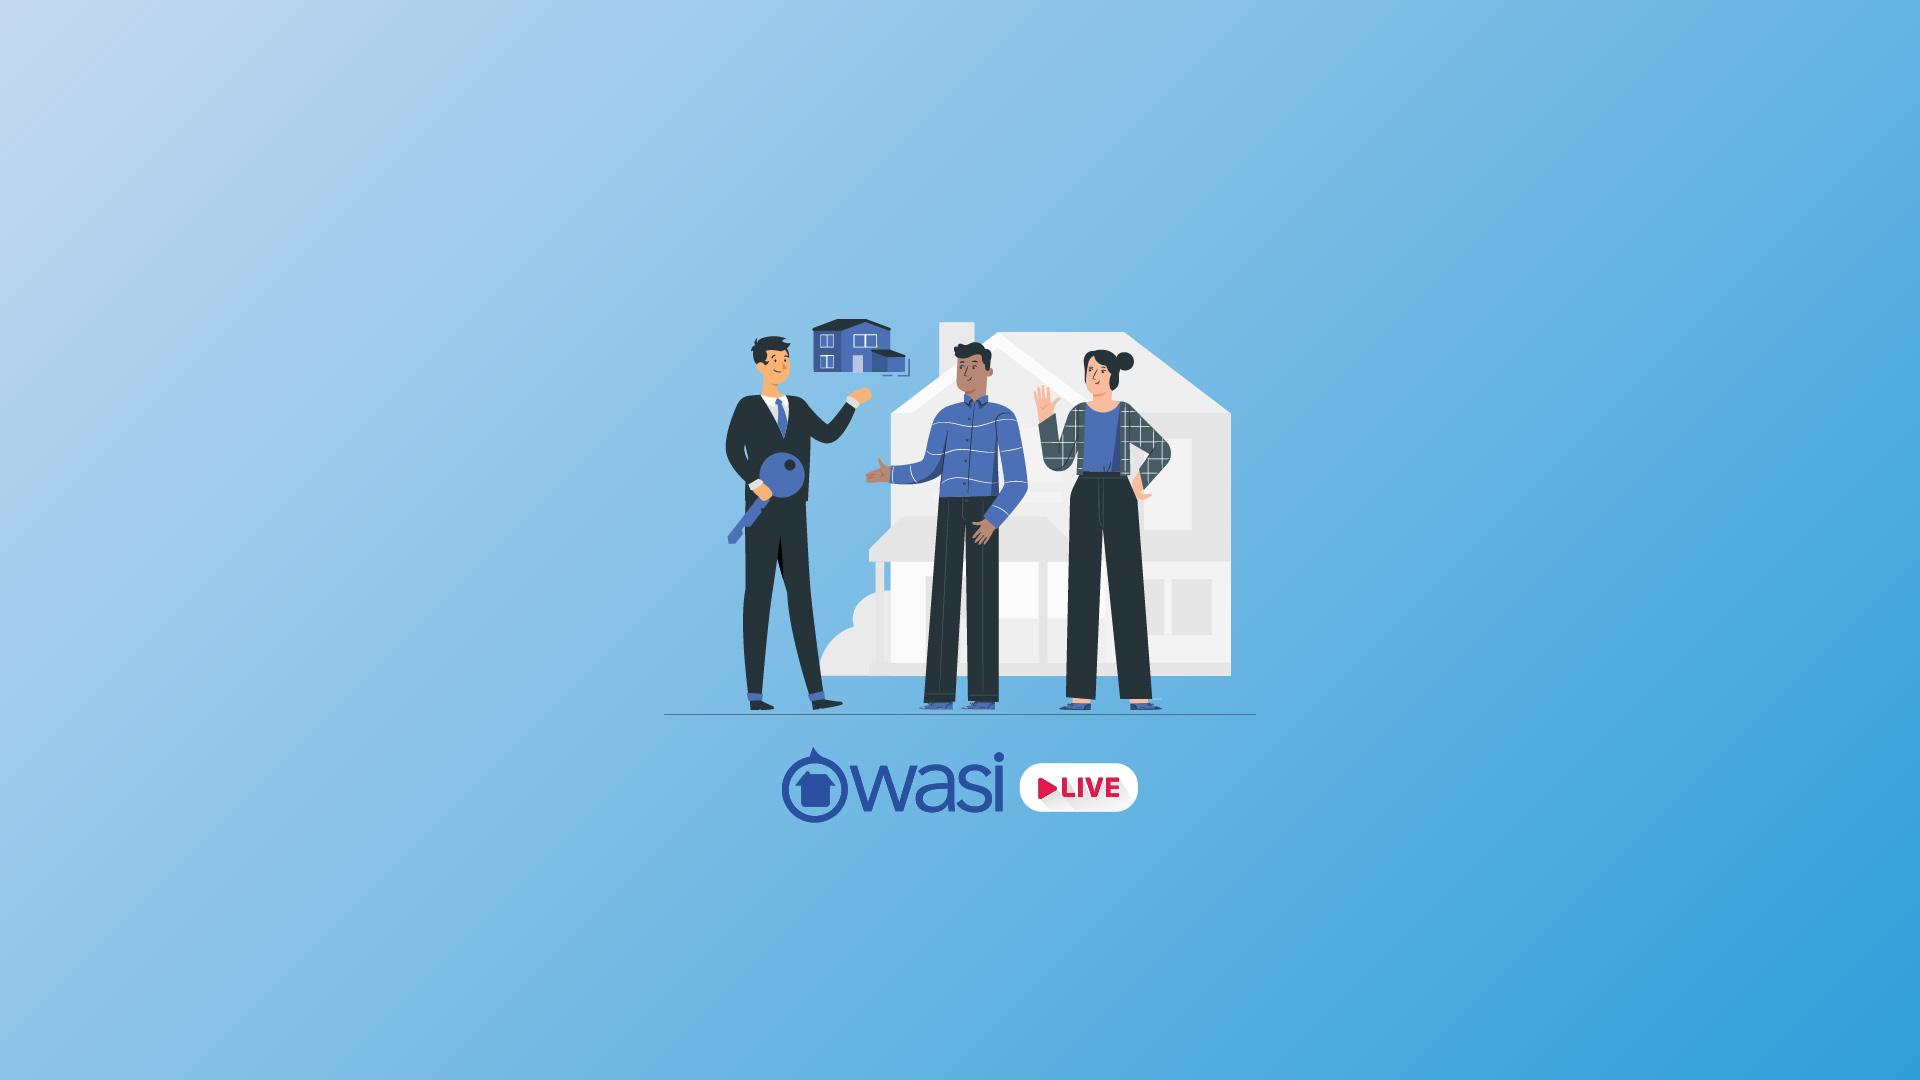 Wasi live: Generemos confianza en el sector inmobiliario